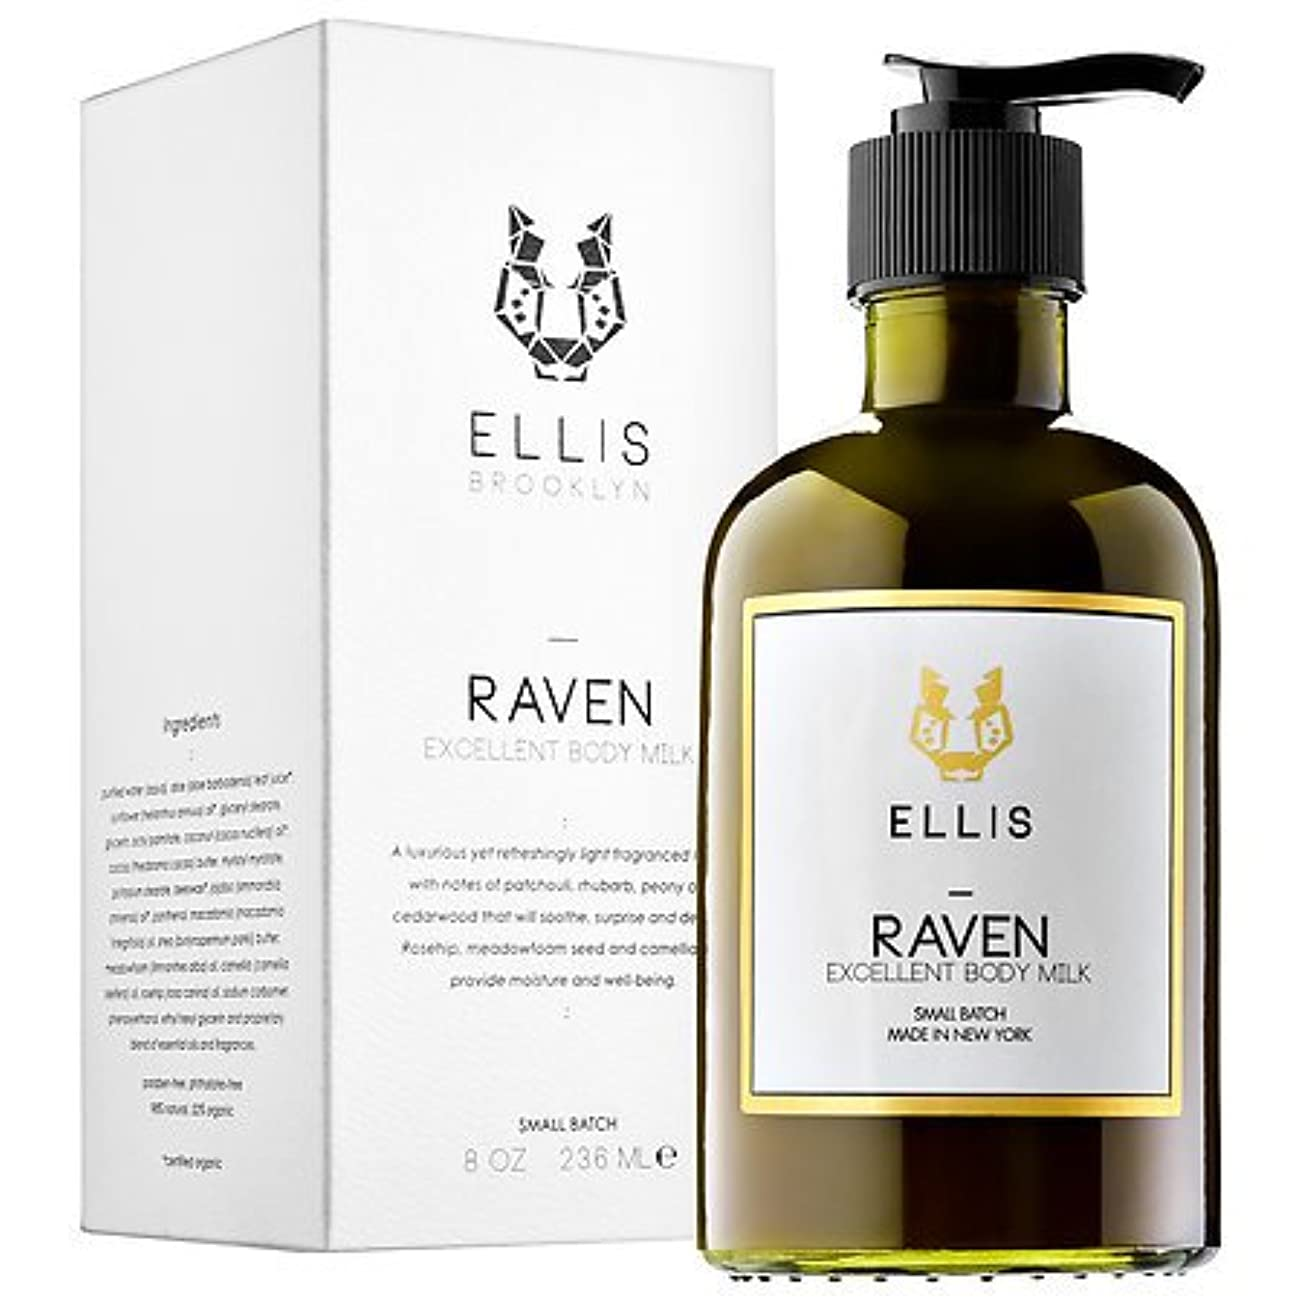 ジャズベイビー振り返るEllis Brooklyn Raven (エリス ブルックリン レイベン) 8.0 (236ml) oz Excellent Body Milk